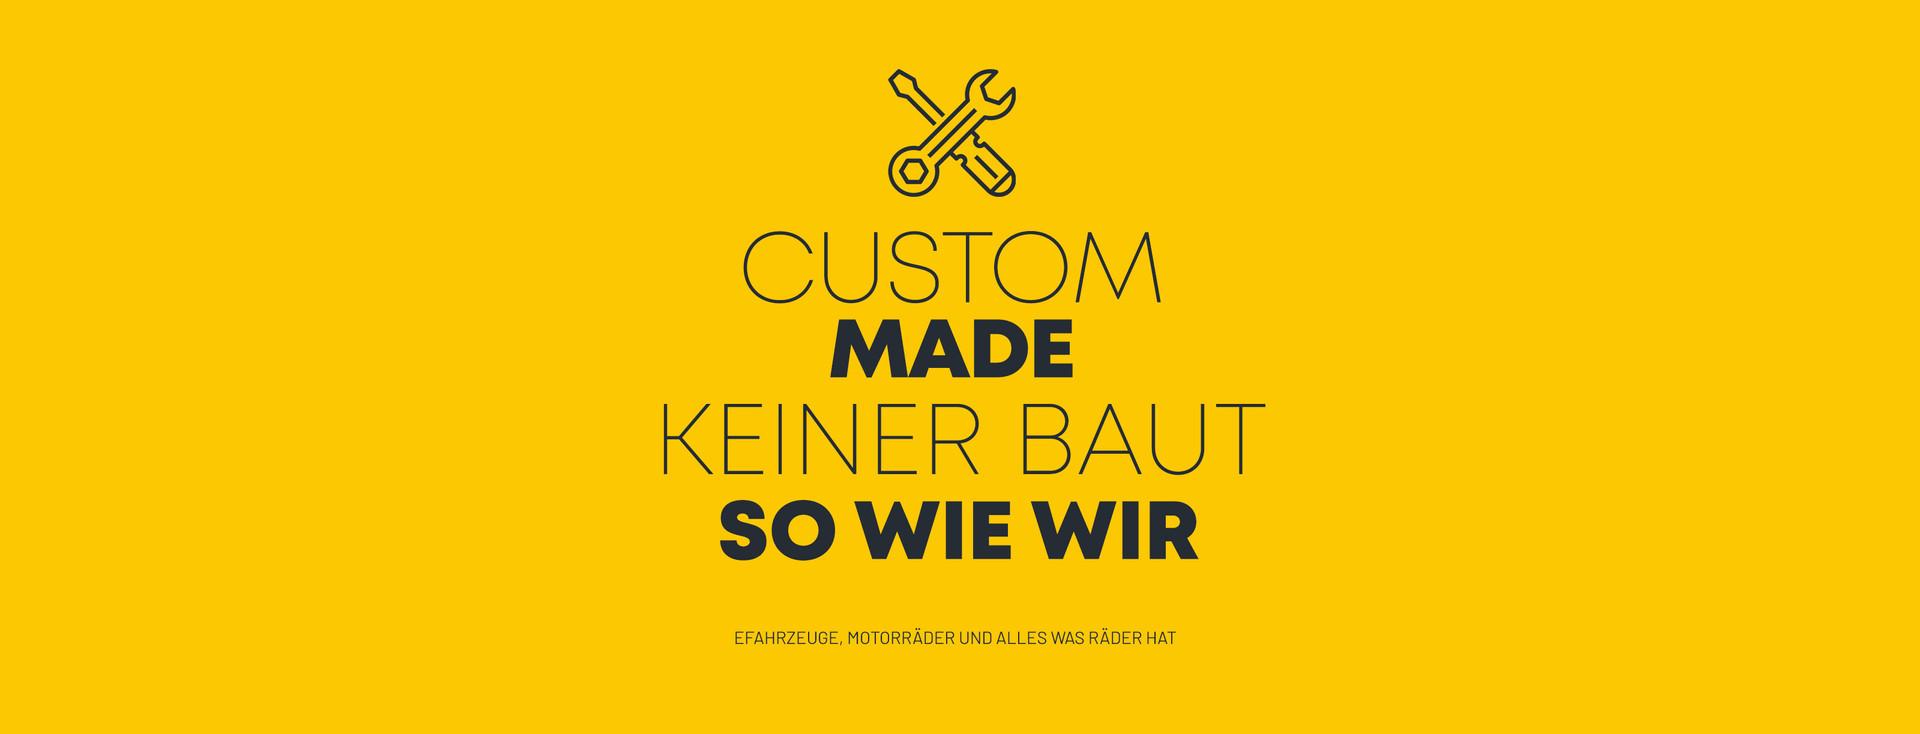 Header_Custommade.jpg